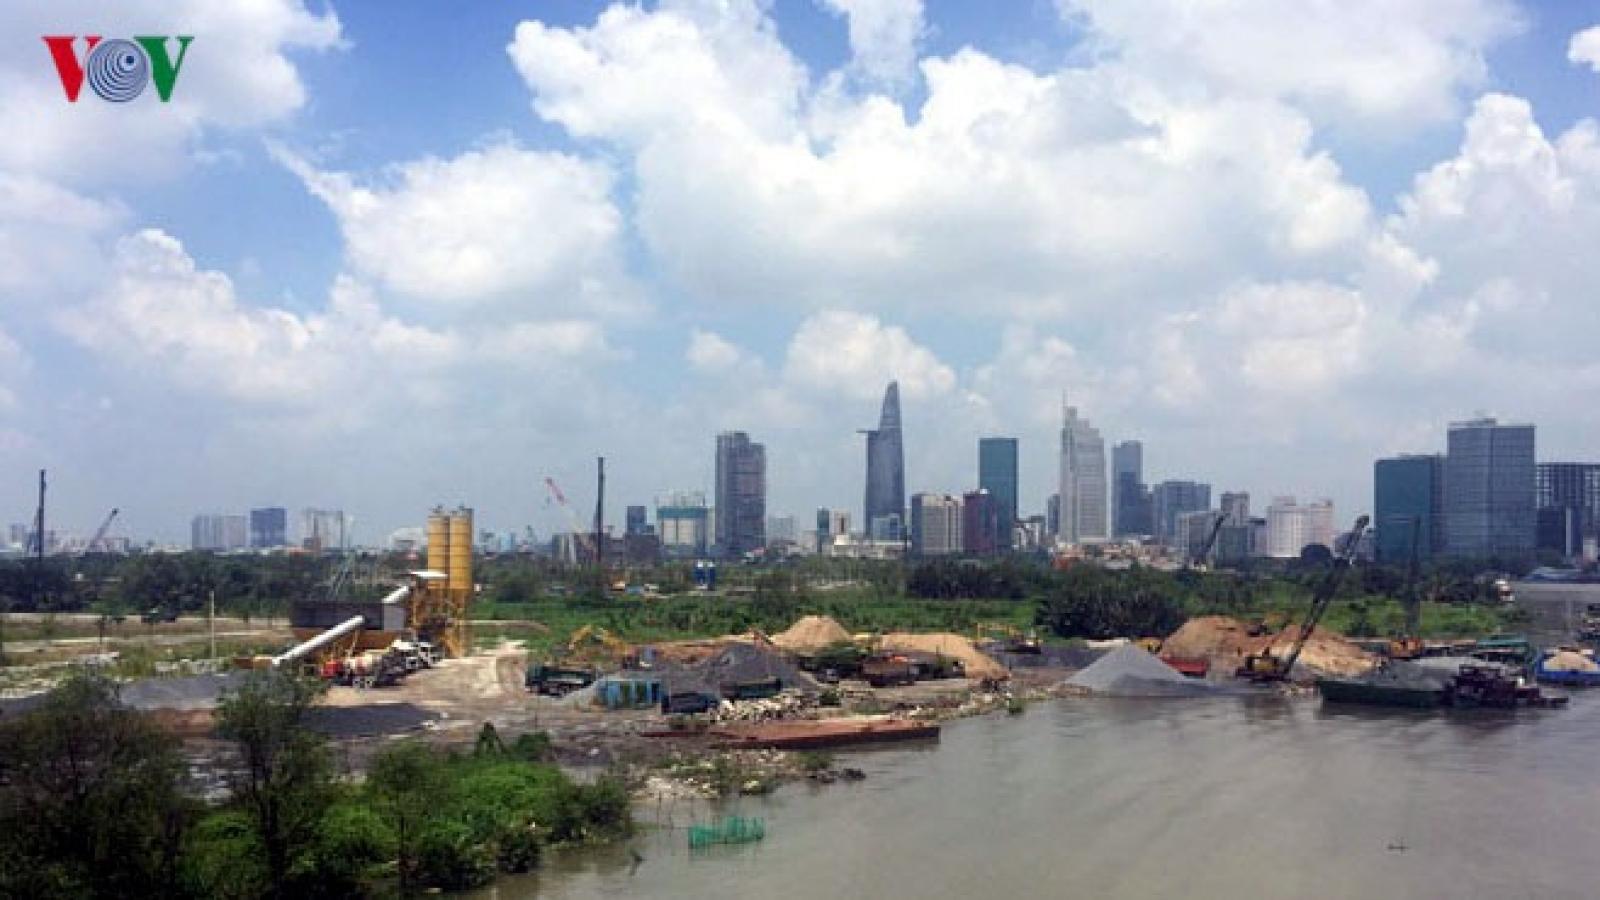 Kỷ luật 66 đảng viên sai phạm trong Dự án Khu đô thị mới Thủ Thiêm